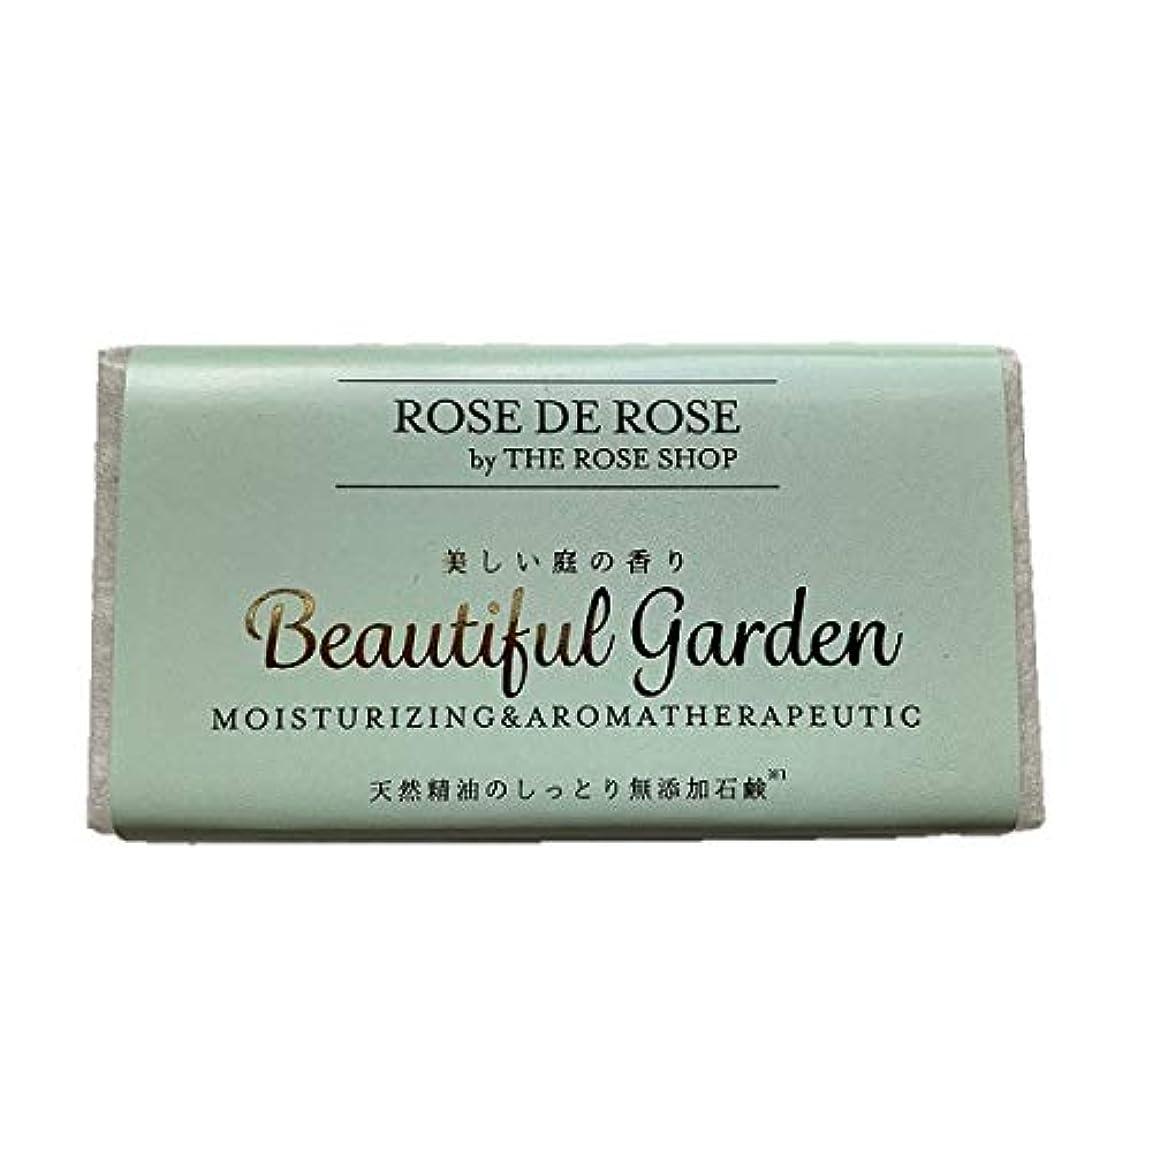 資源山線形天然精油の無添加石鹸 「美しい庭の香り ビューティフルガーデン」3個セット